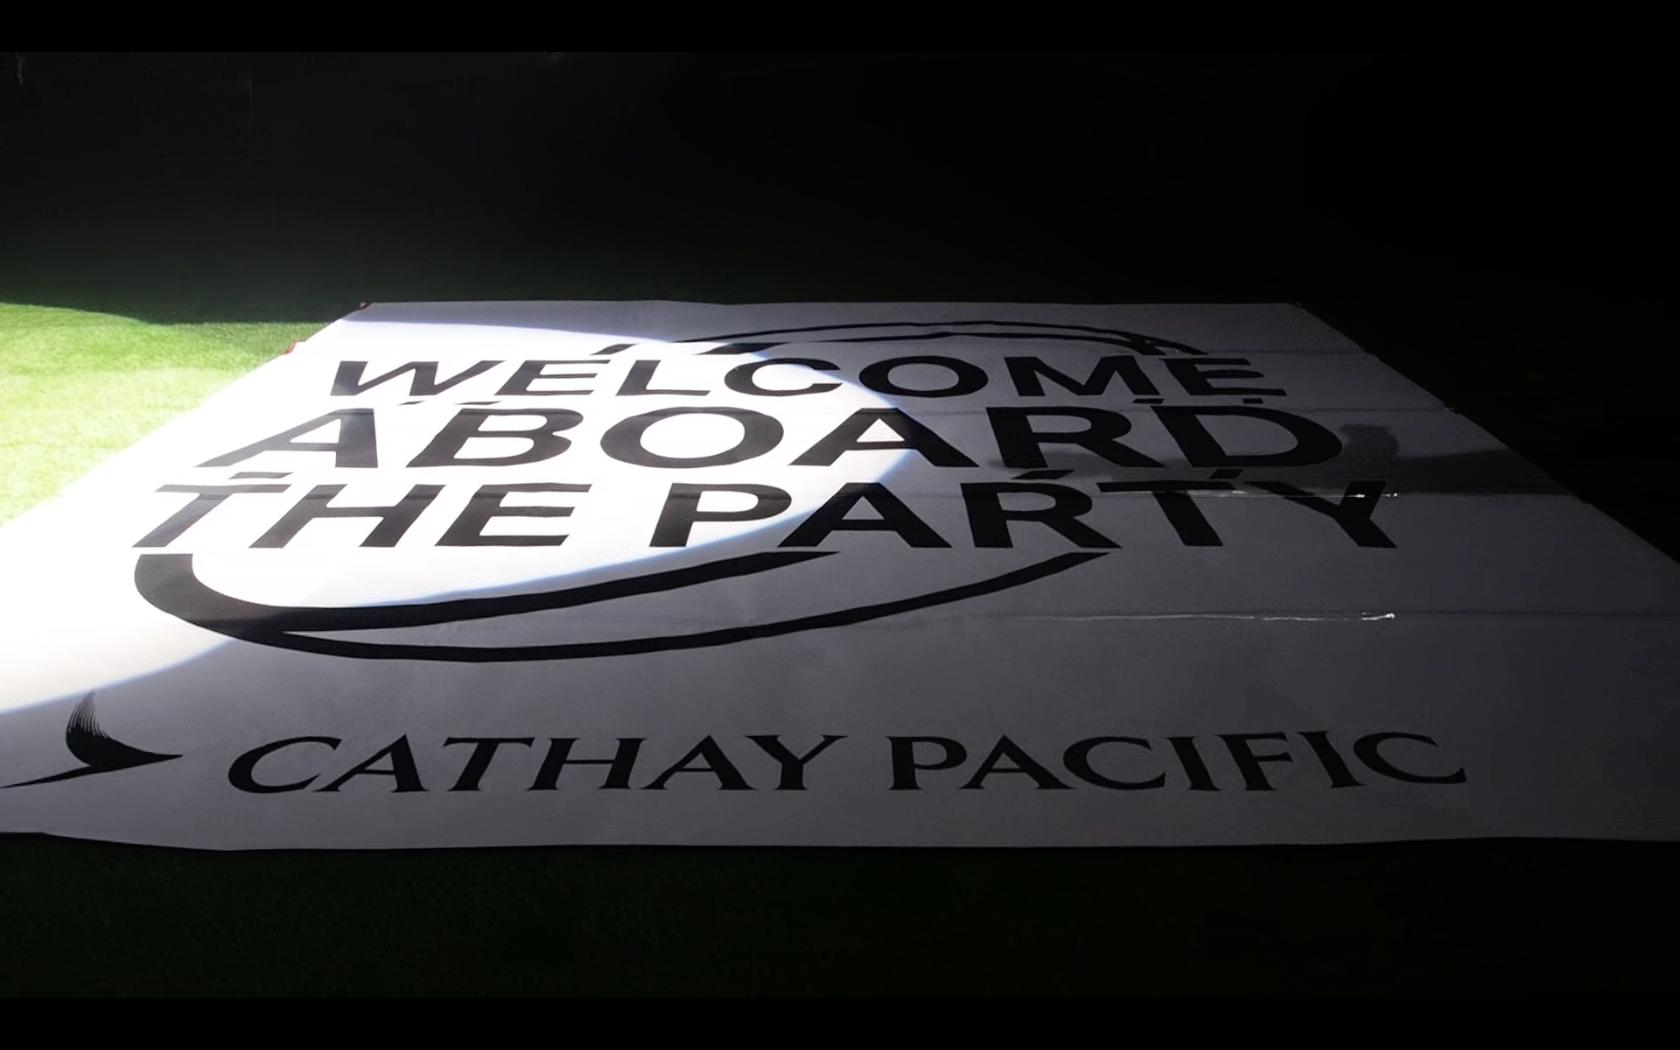 Cathay Pacific Hong Kong Rugby Sevens lockup